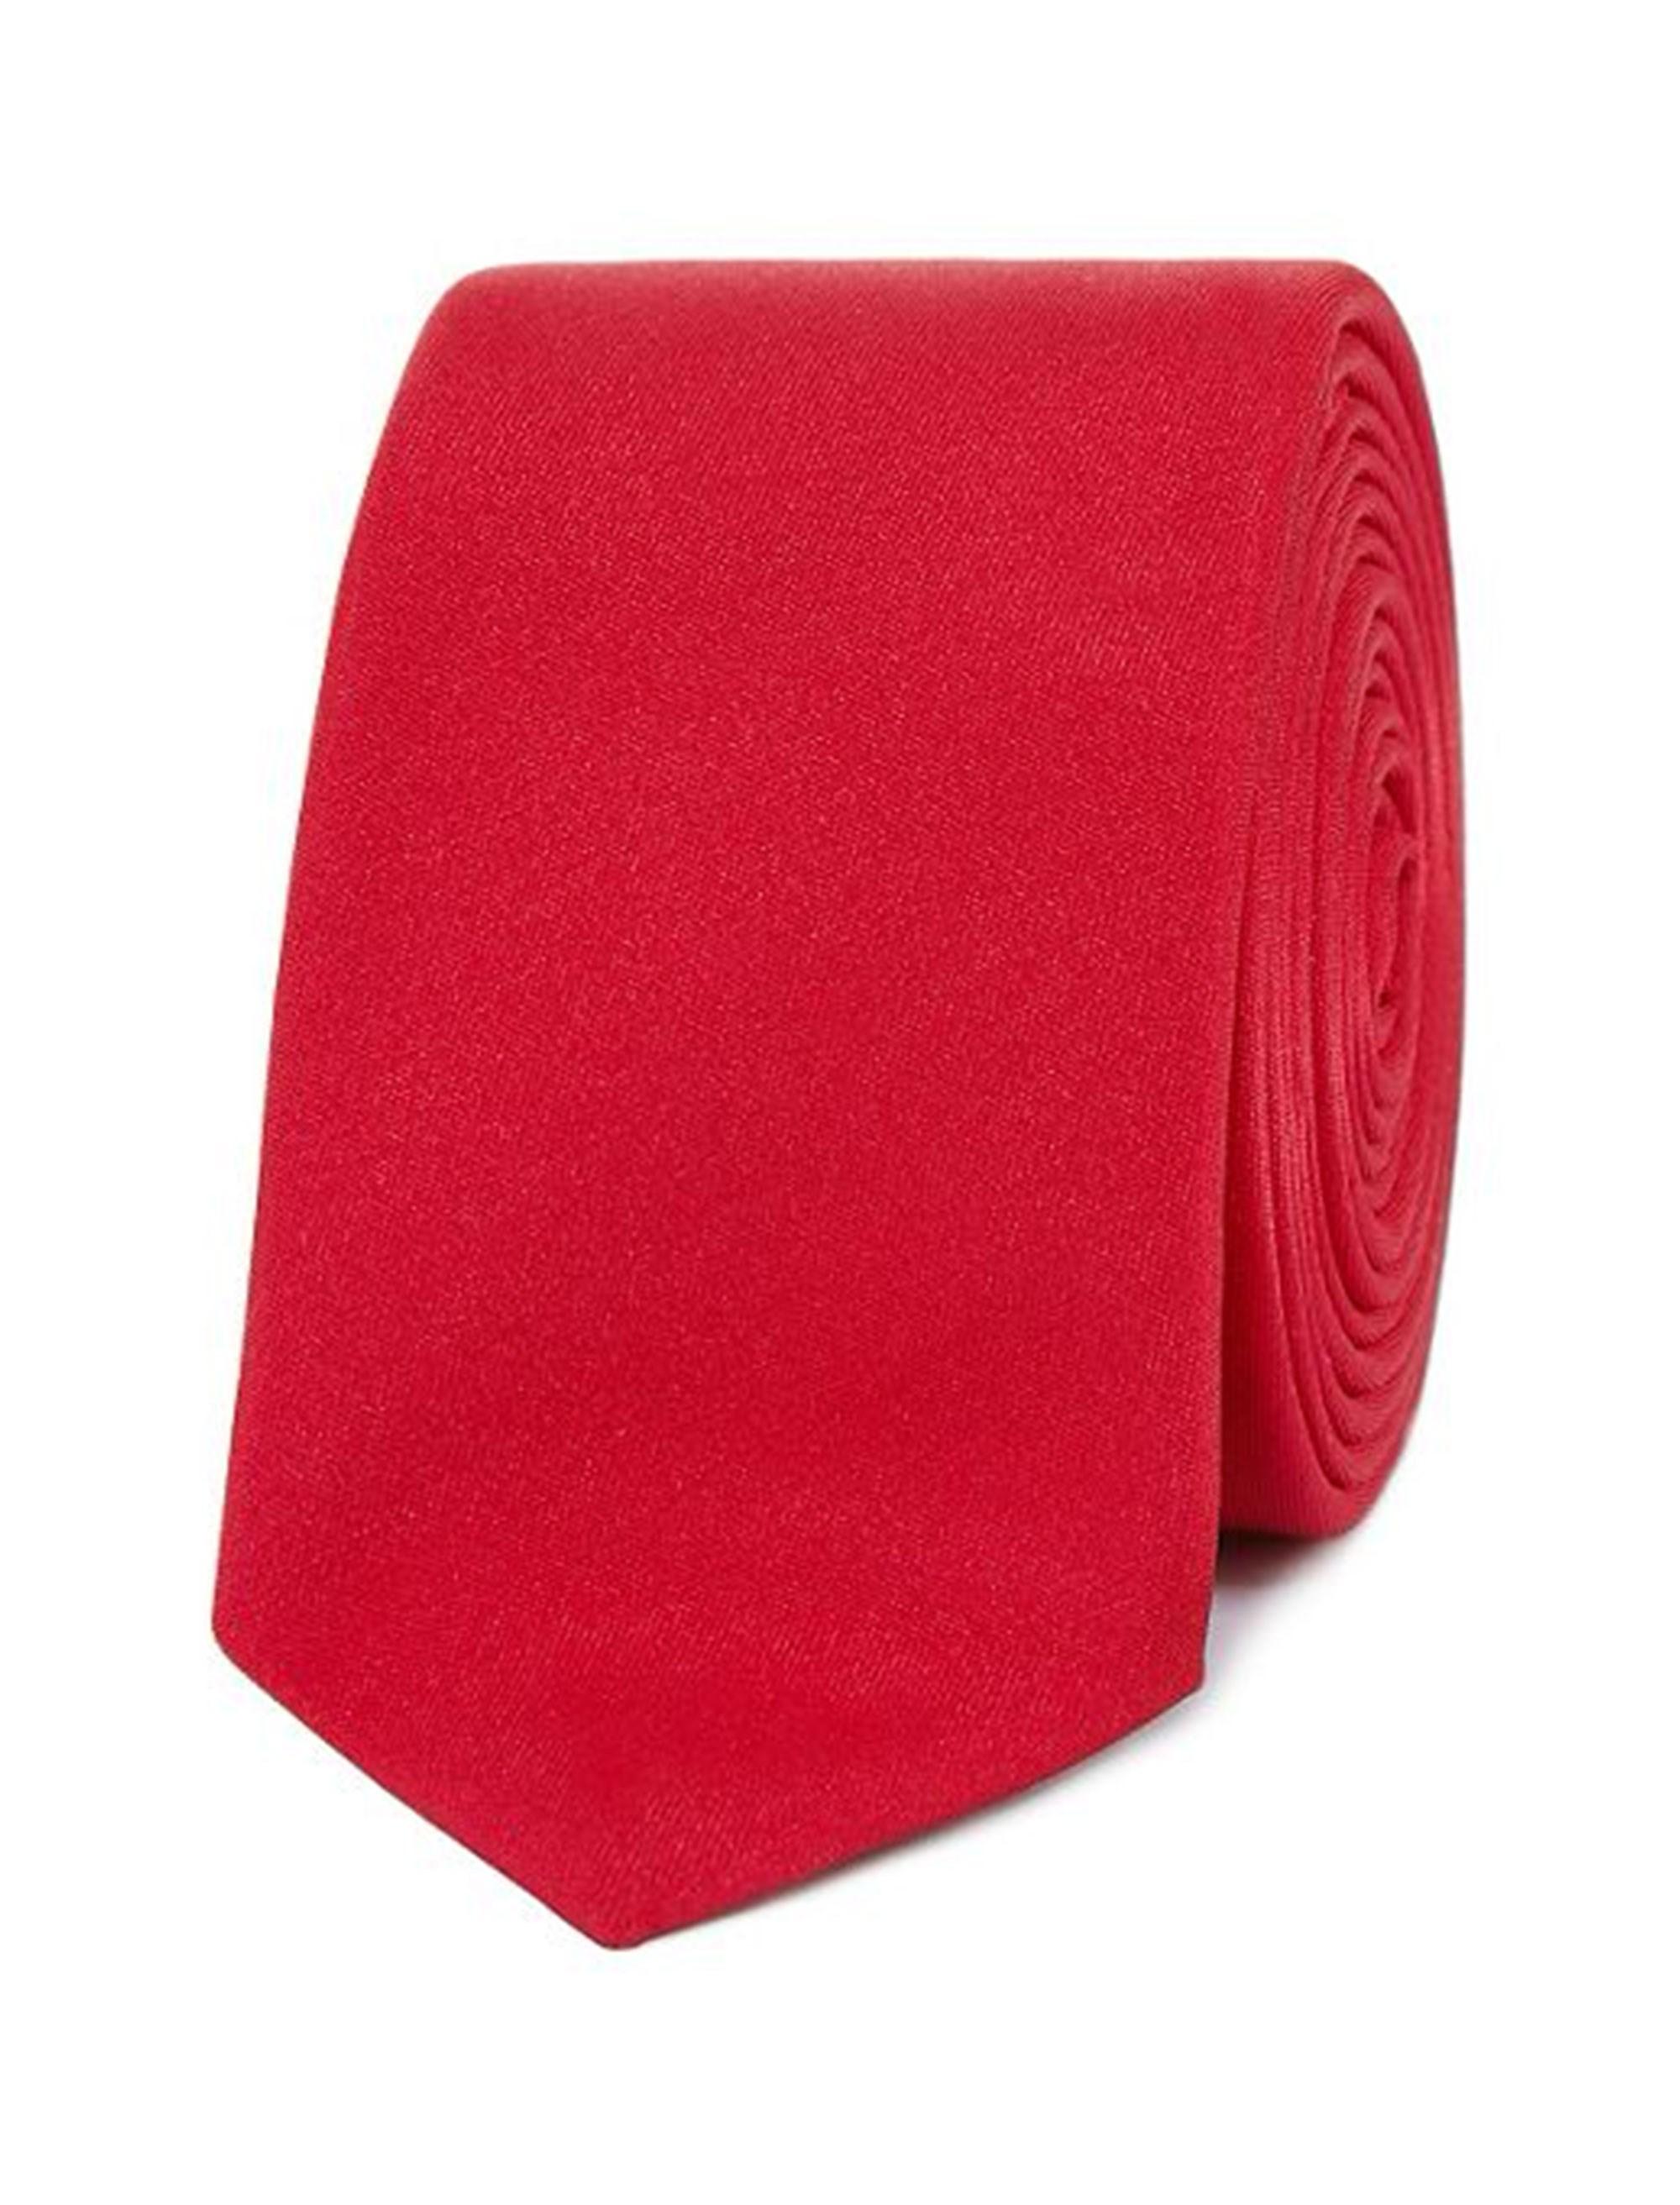 کراوات ساده مردانه - رد هرینگ - قرمز - 1